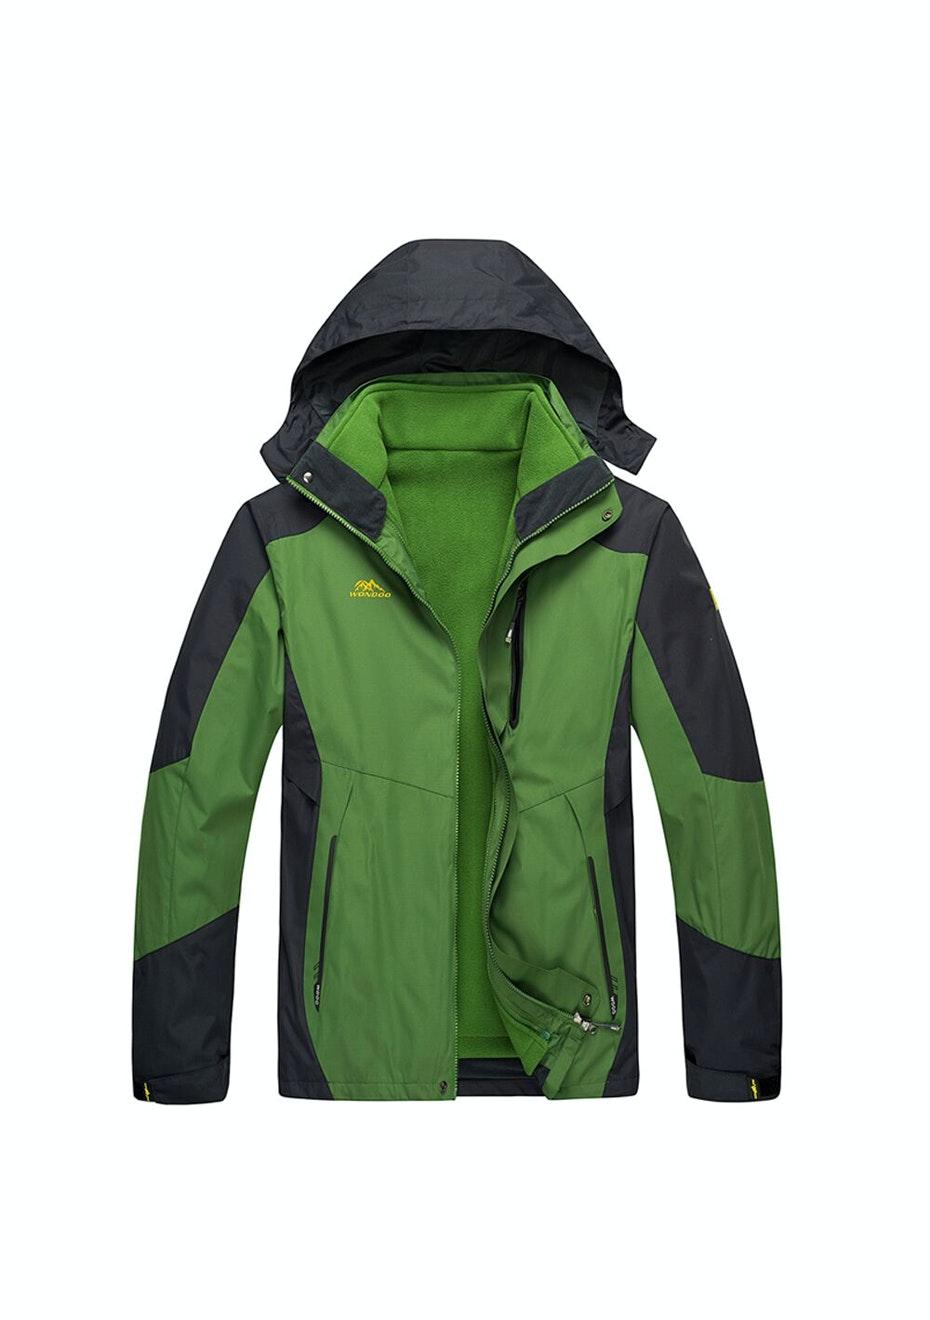 Men 2-in-1 WaterProof Jackets - Green